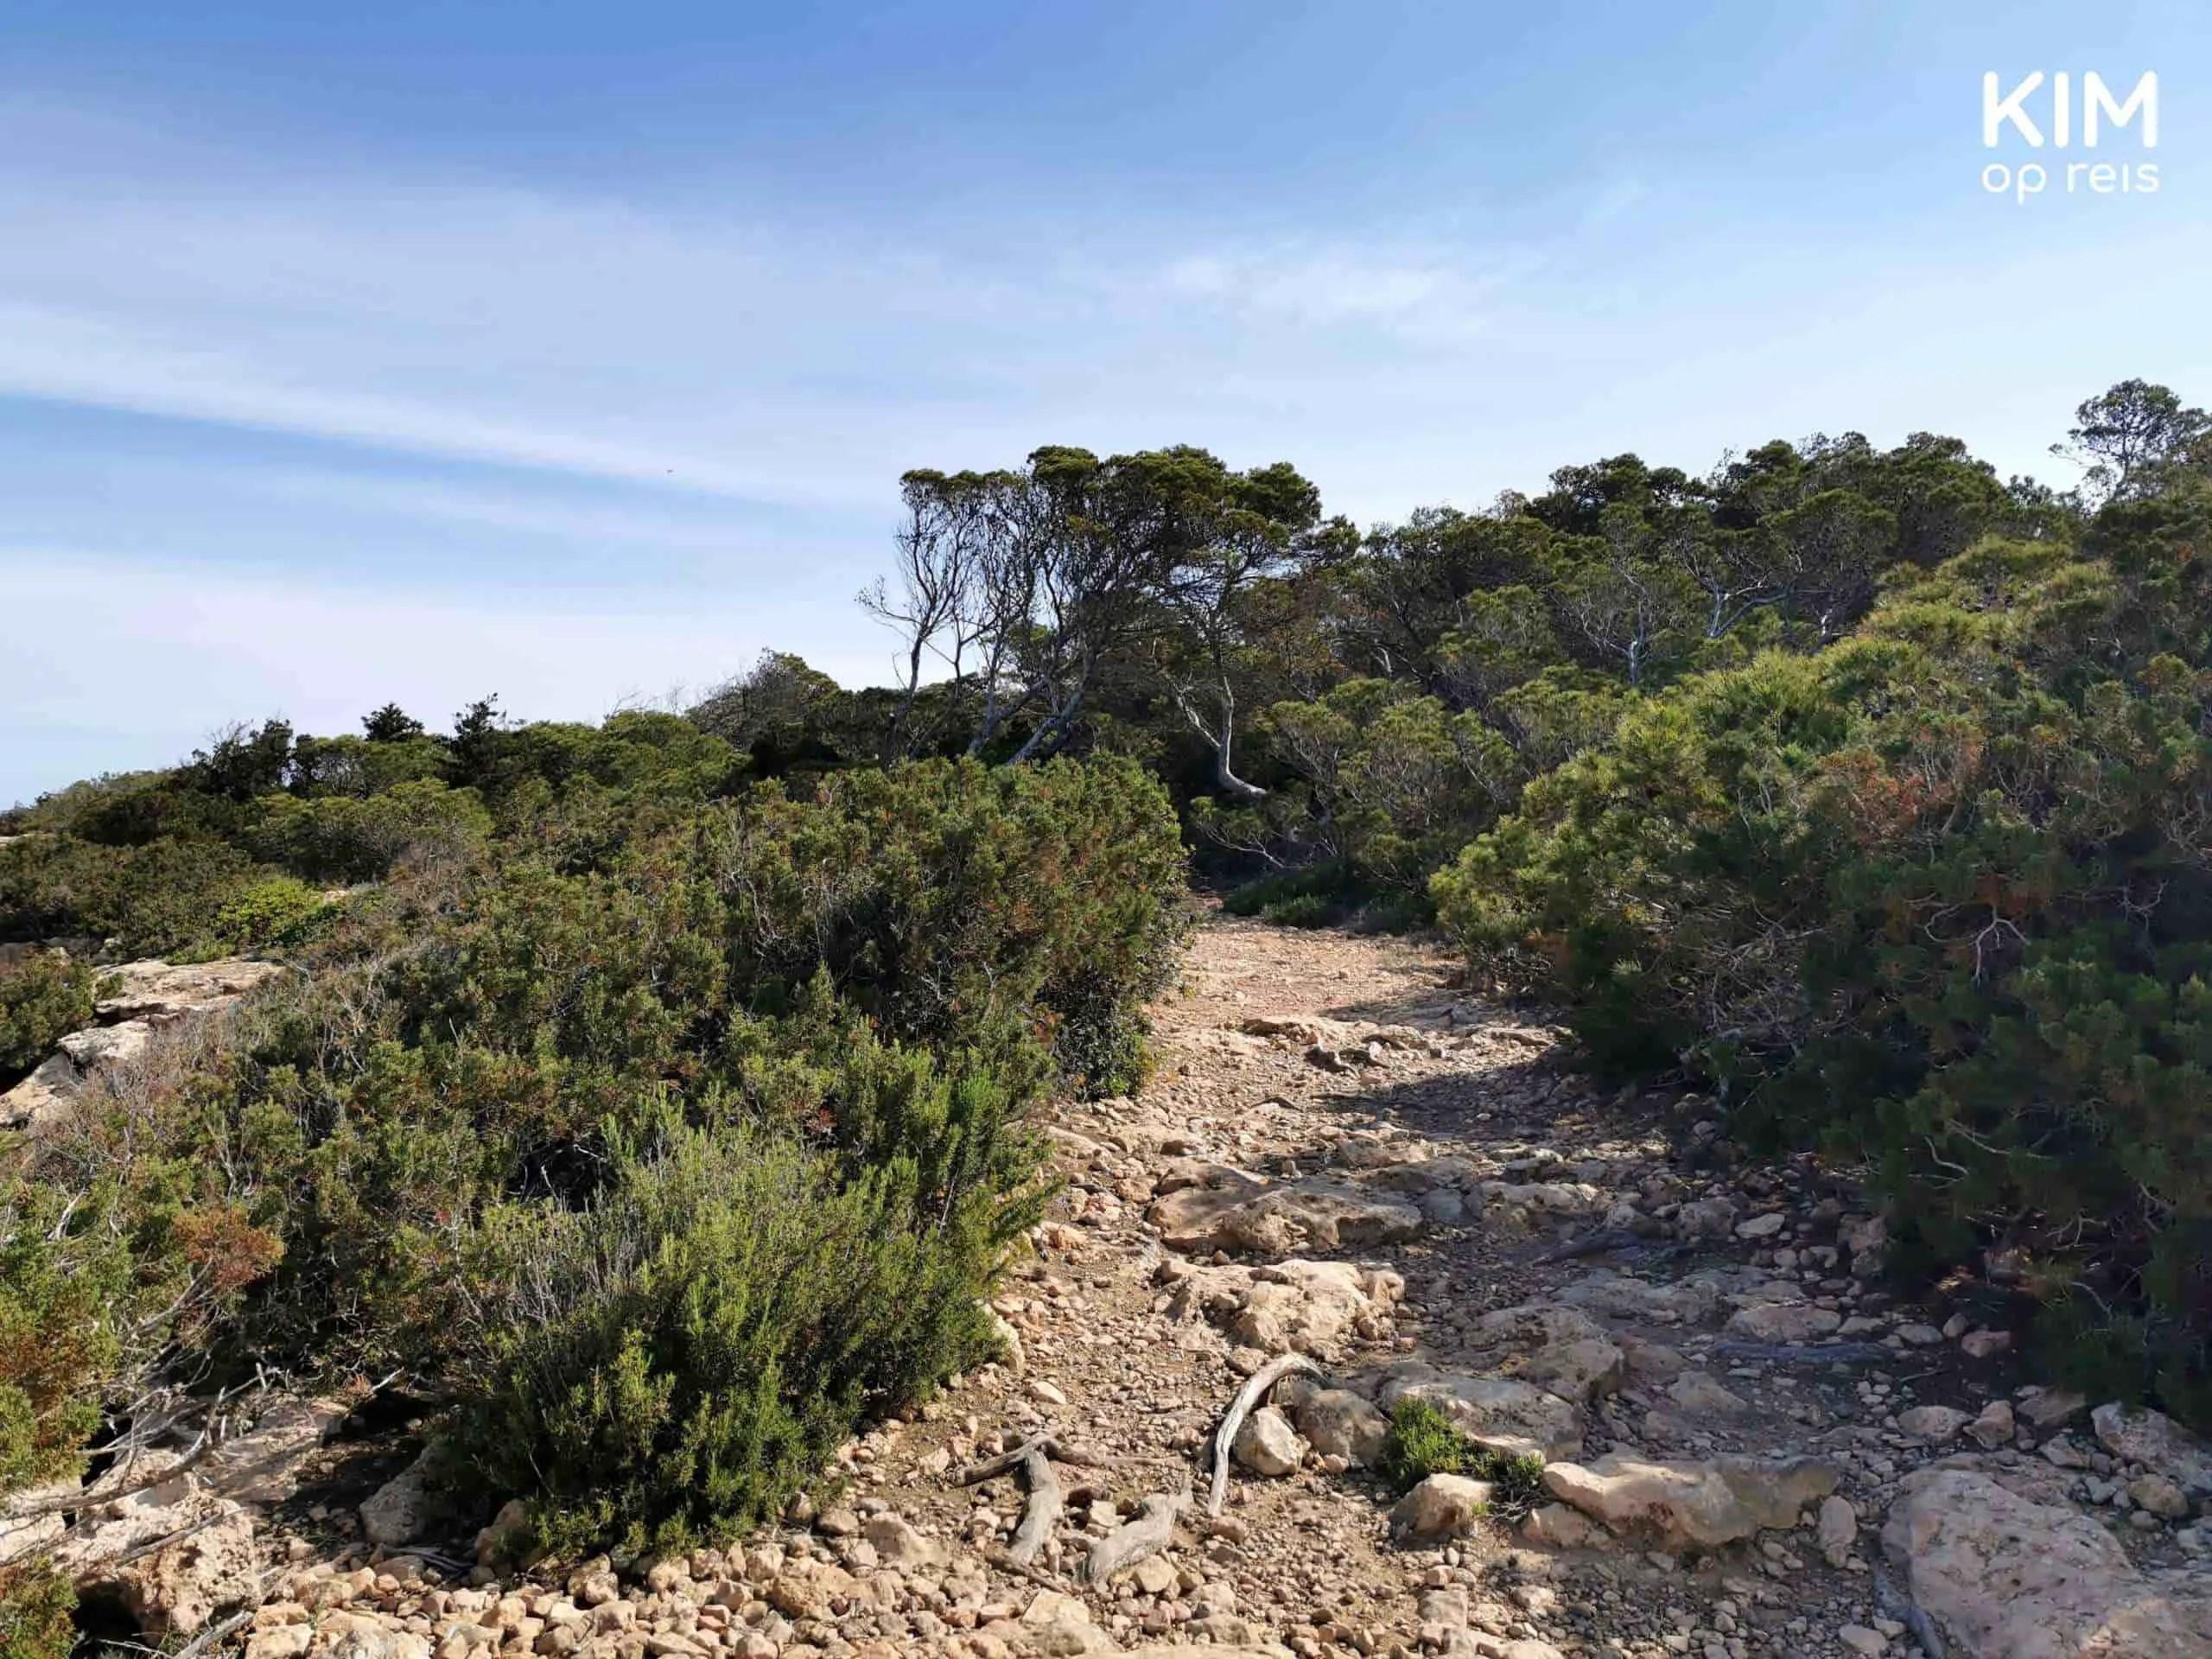 Wandelen Torre d'en Rovira wandelpad: wandelpad langs de kust met struiken aan alle kanten